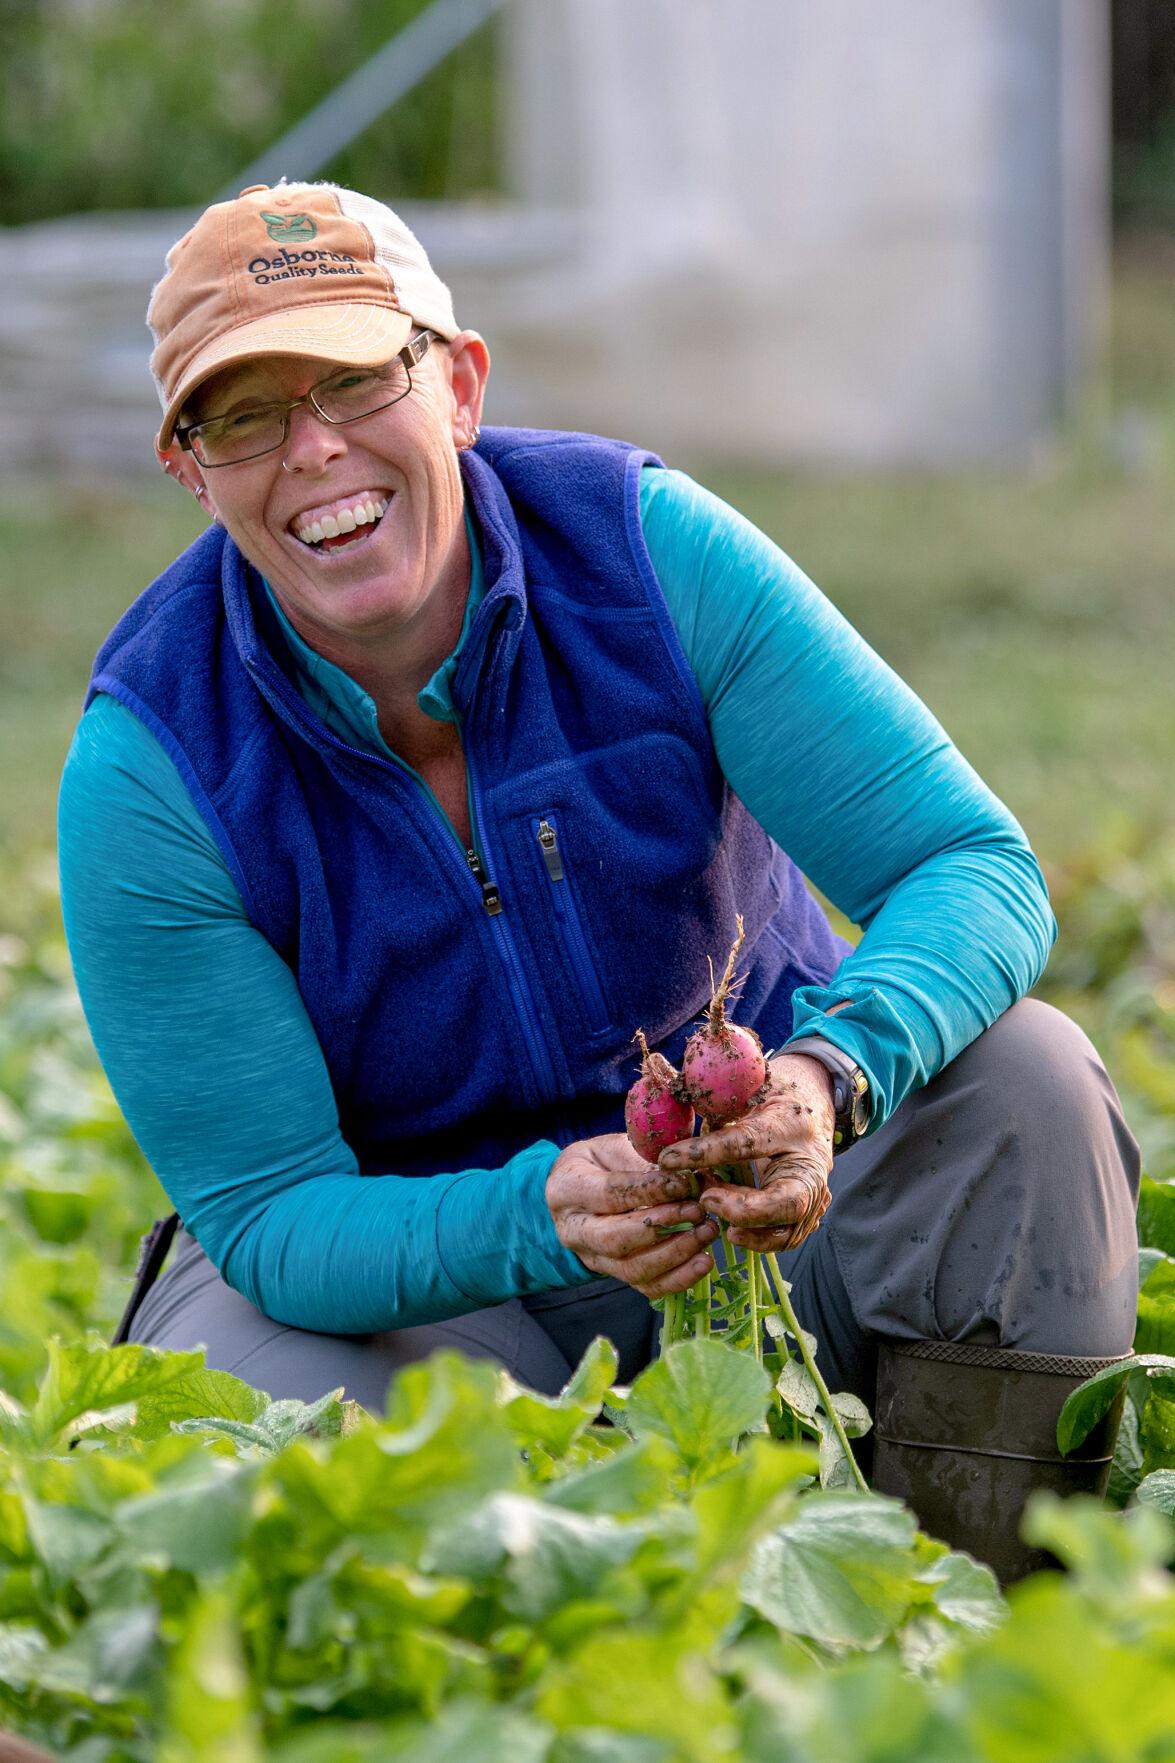 Liz Graznak displays her trademark smile